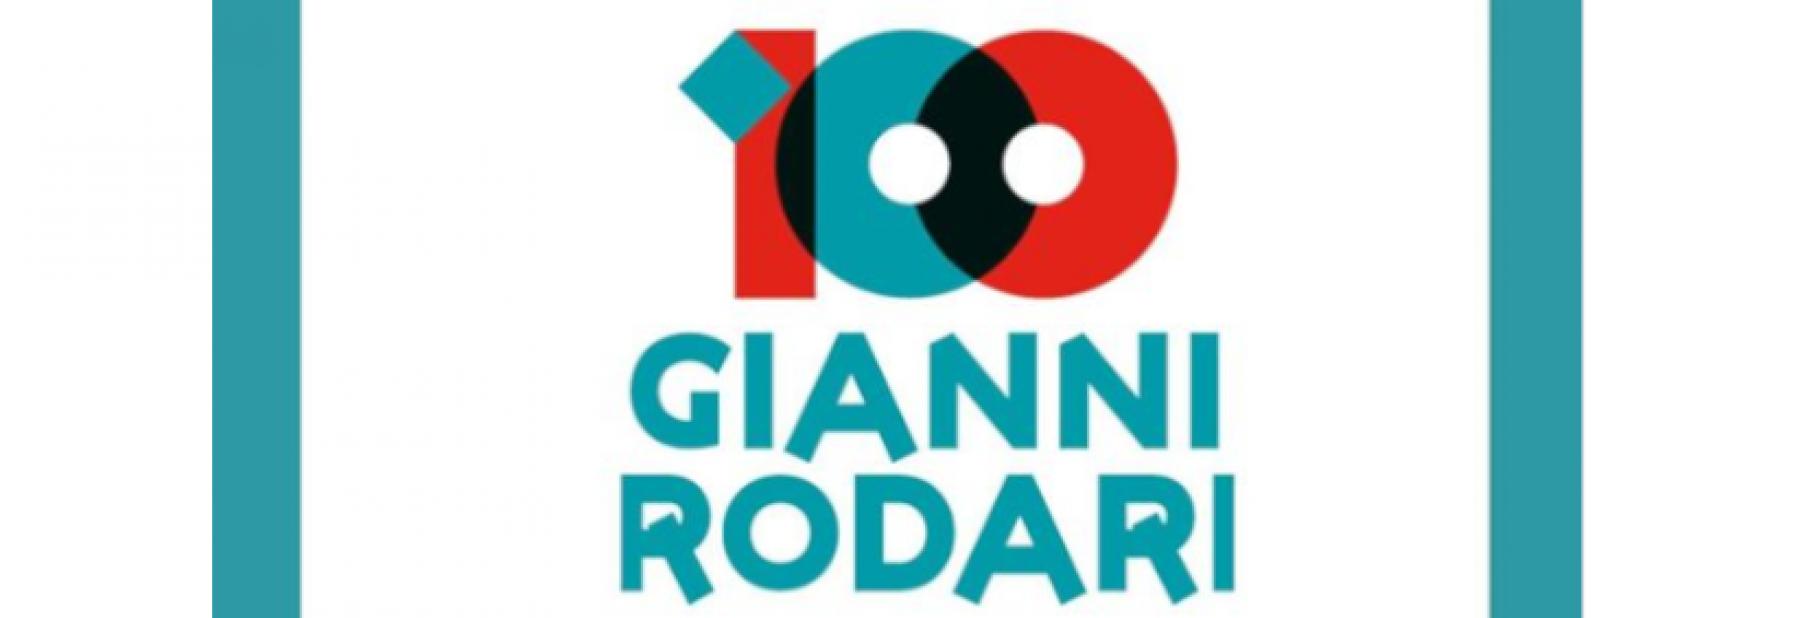 100_Anni_Rodari